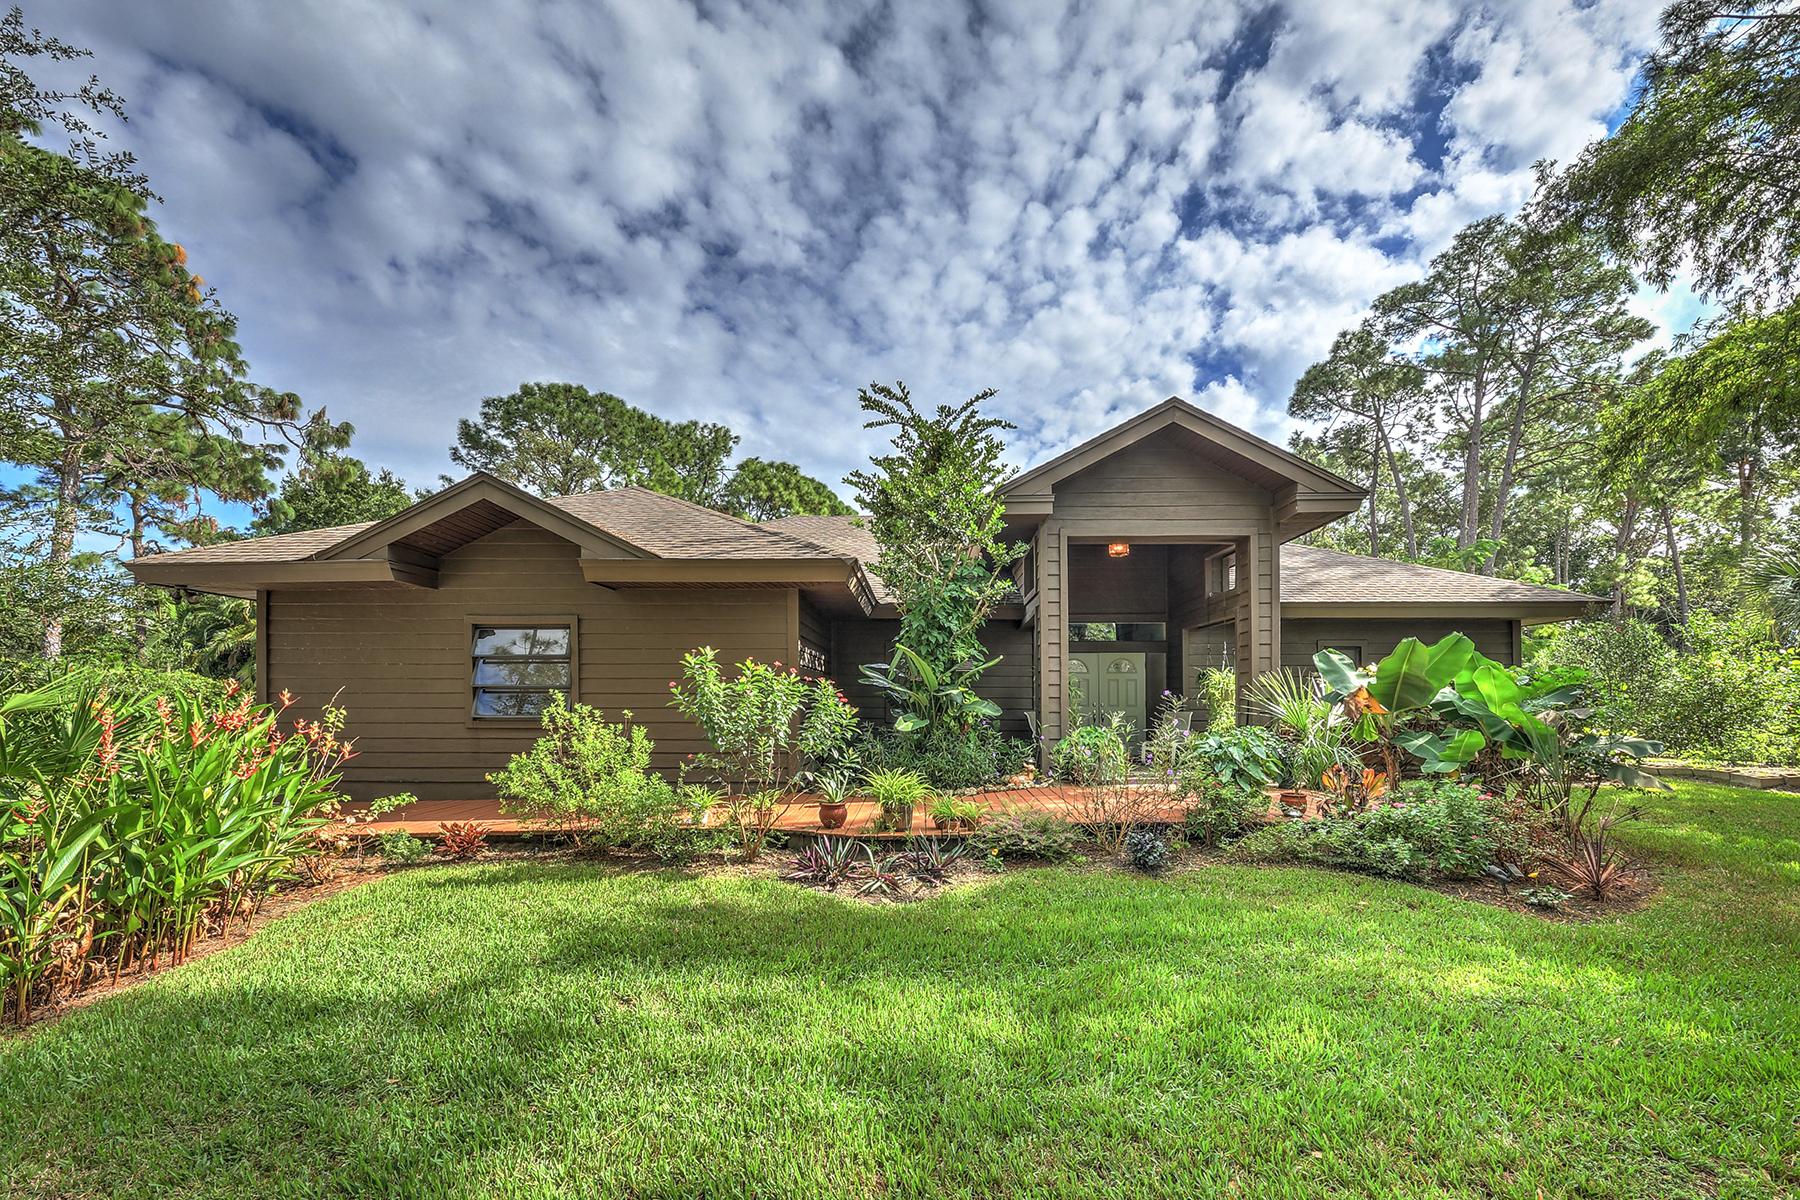 단독 가정 주택 용 매매 에 PINE RIDGE 632 Hickory Rd Naples, 플로리다, 34108 미국